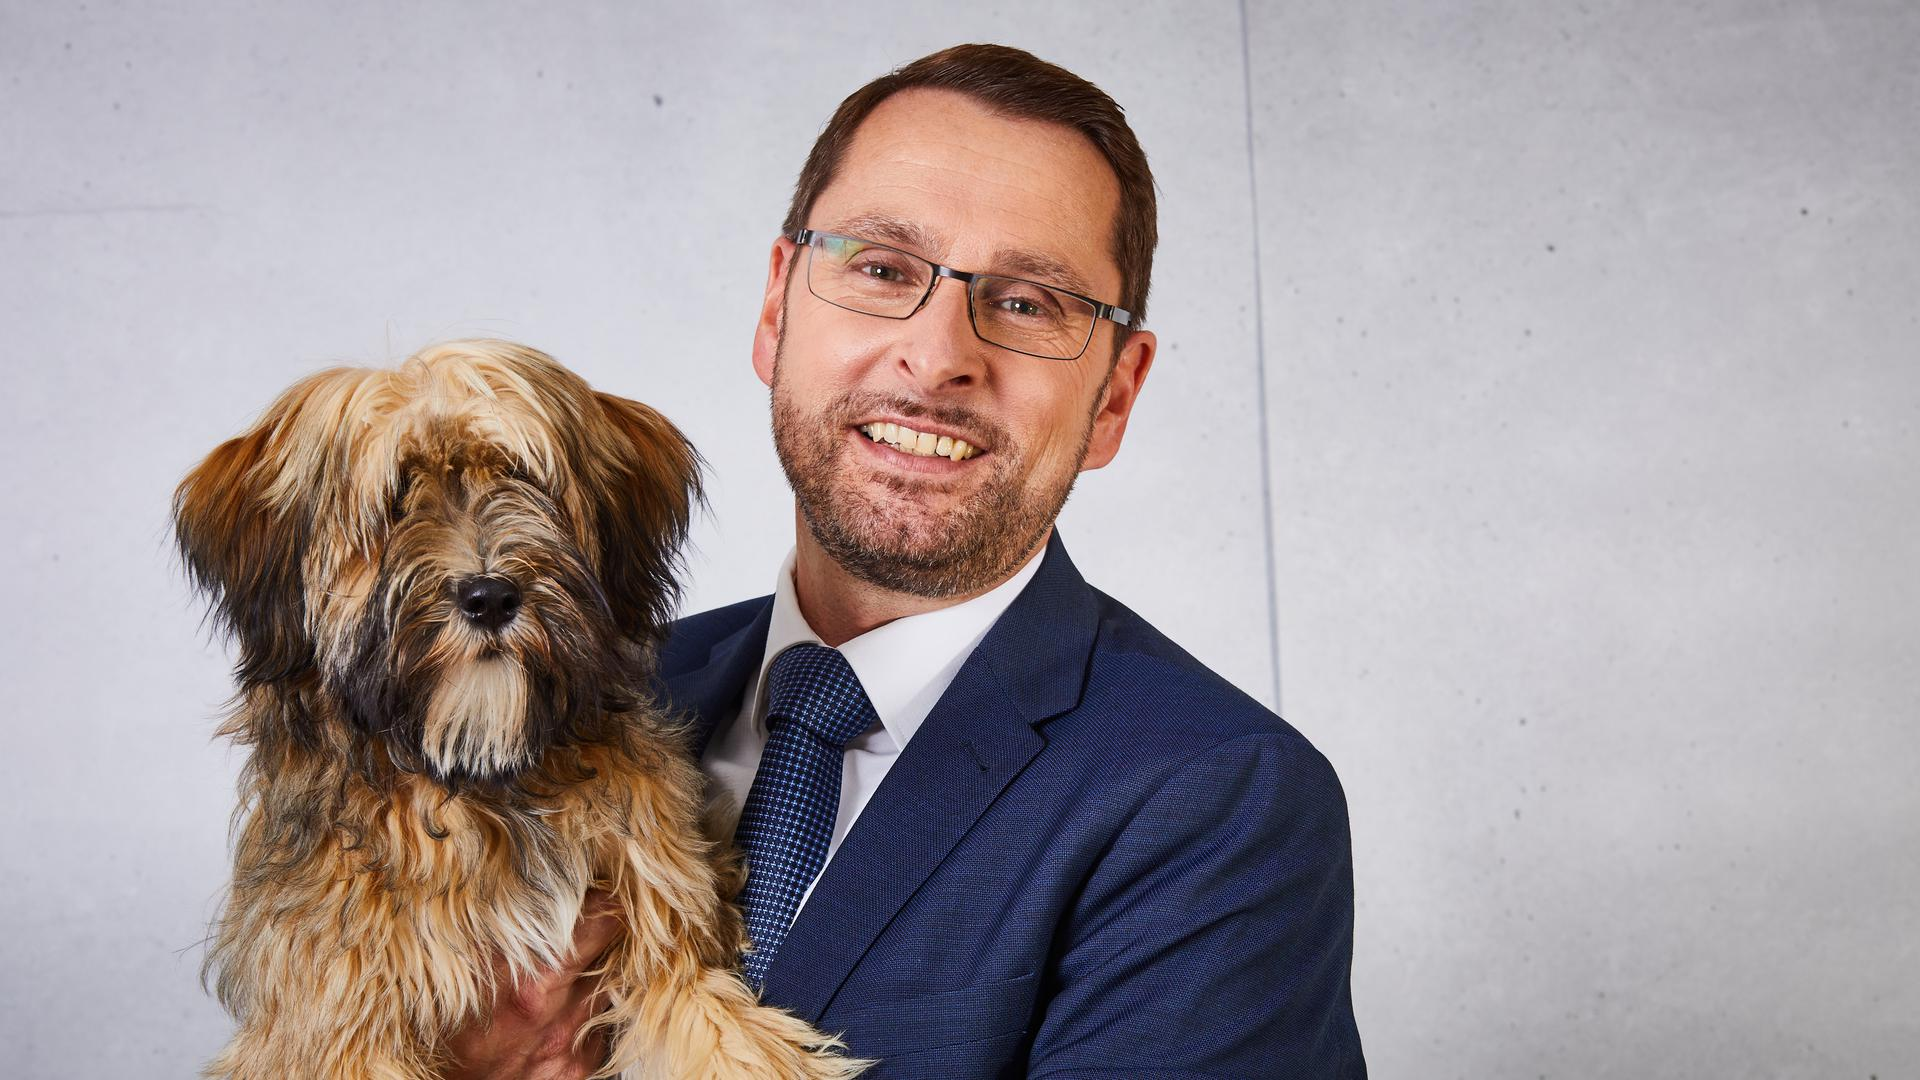 Die MVK Versicherungist aus vielen Gründen eine ungewöhnliche Versicherung. Das Foto zeigt Vorstandschef Jürgen Schellmann mit seiner Hündin.